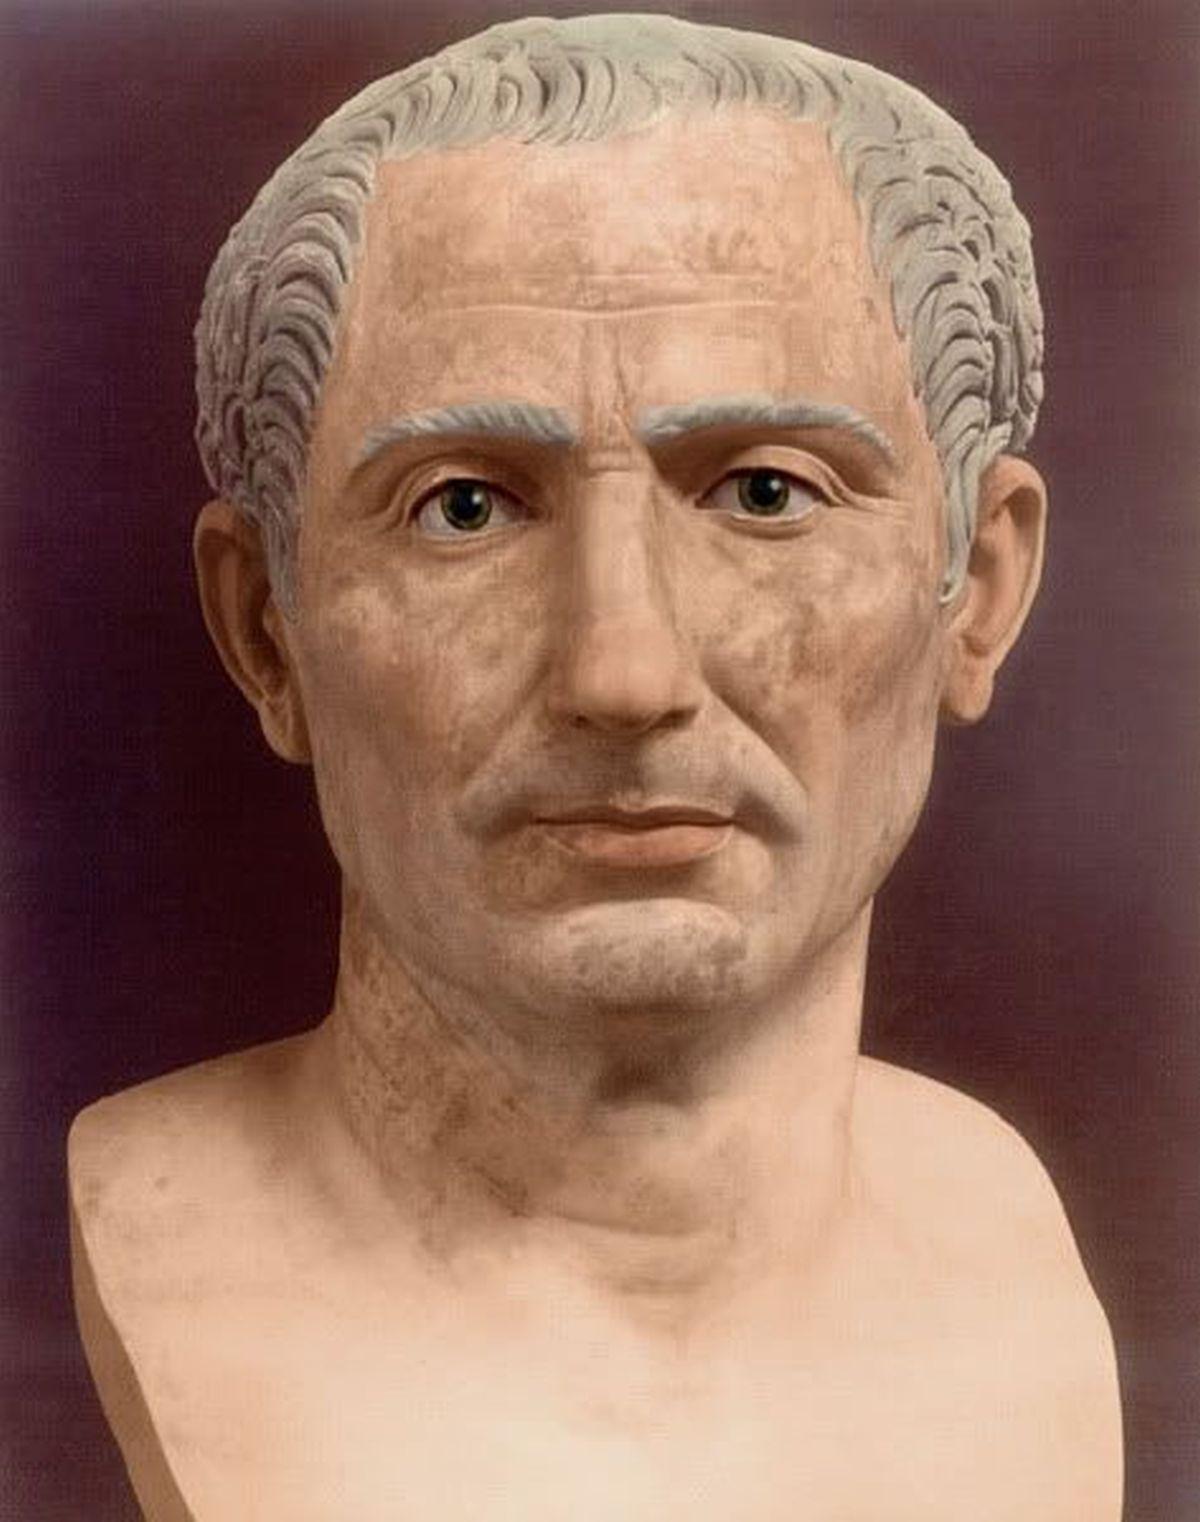 Rekonstrukcja popiersia rzymskiego wodza - Juliusza Cezar